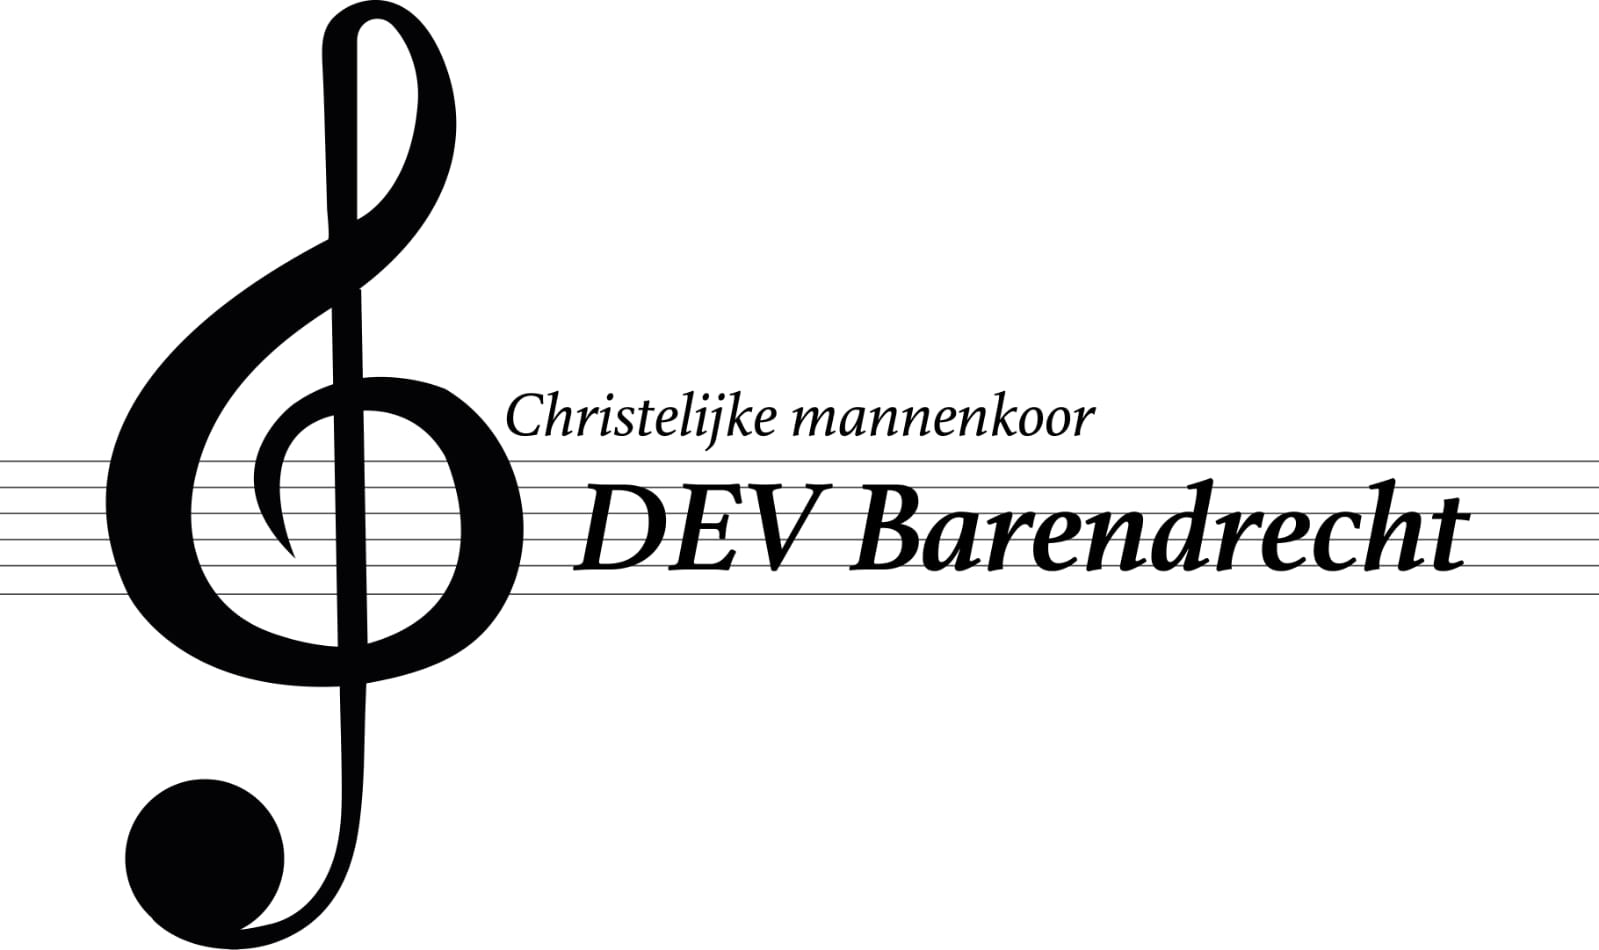 DEV Barendrecht Logo